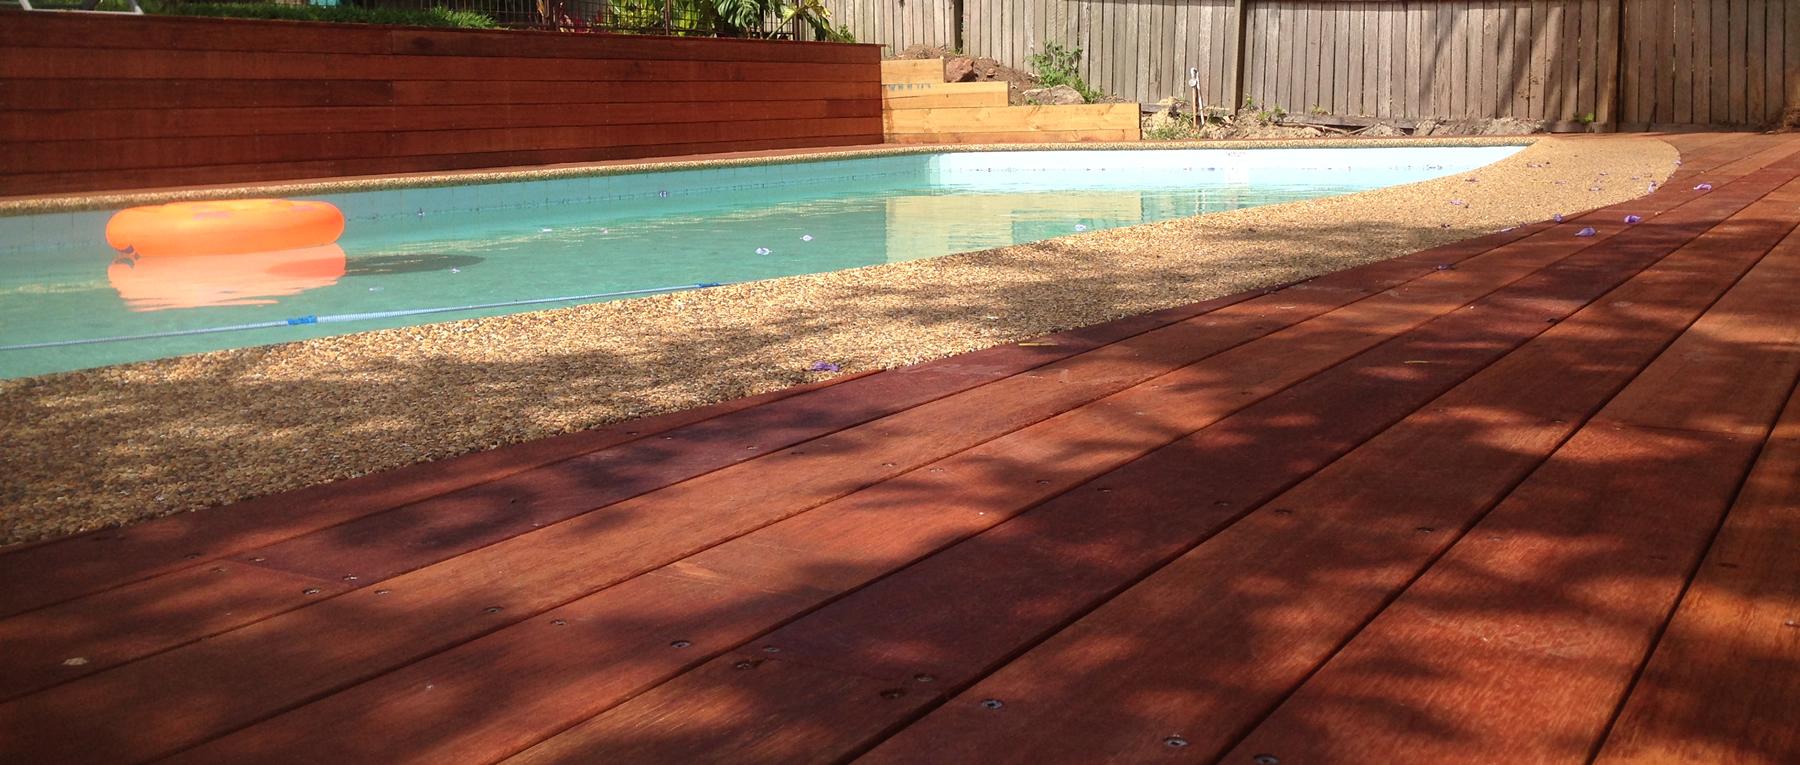 Pool-decking4